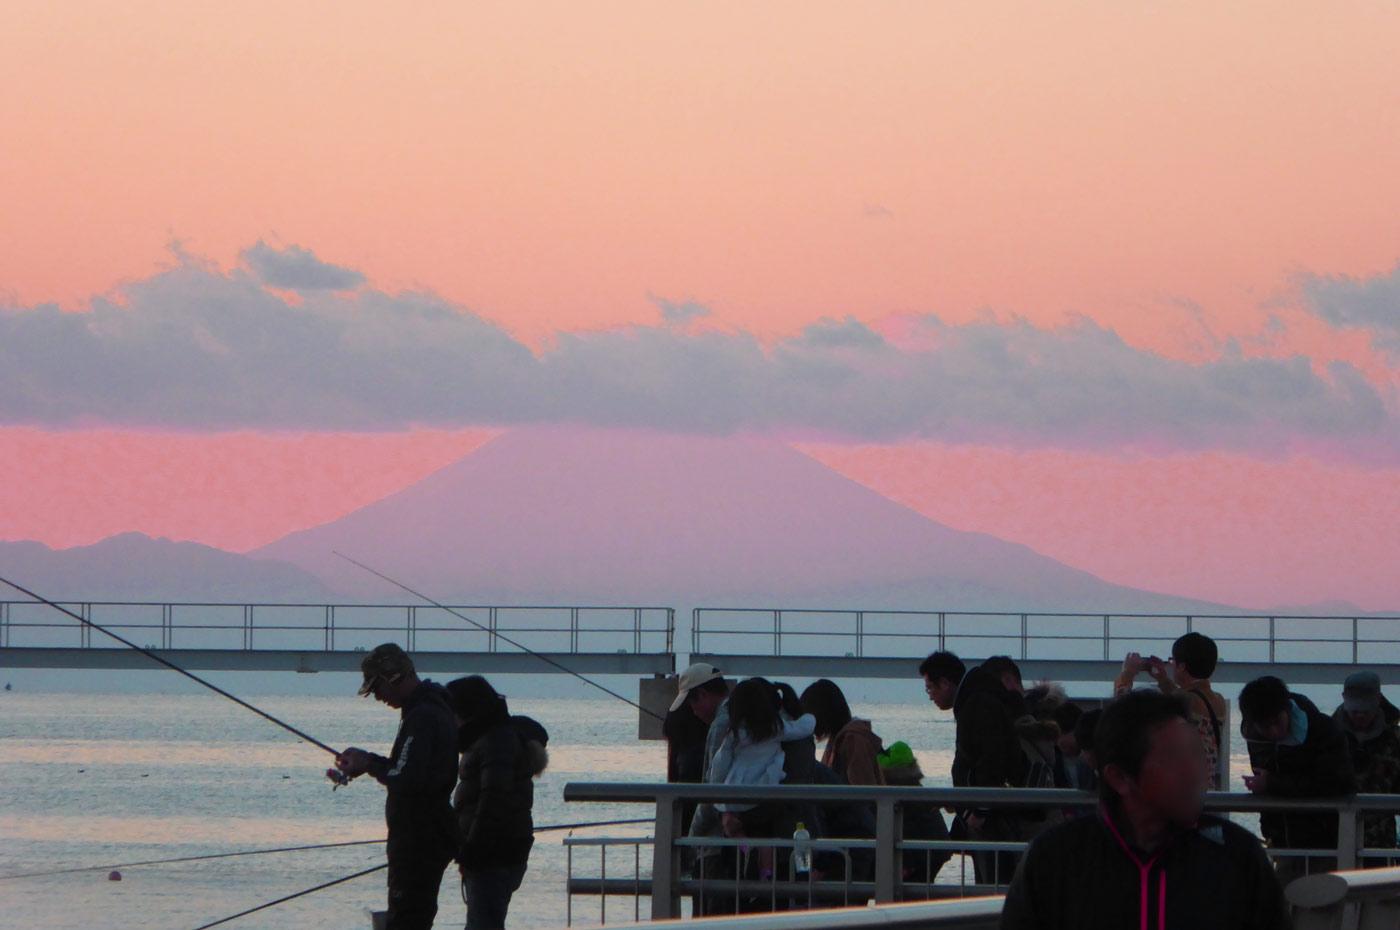 館山夕日桟橋の釣りの風景